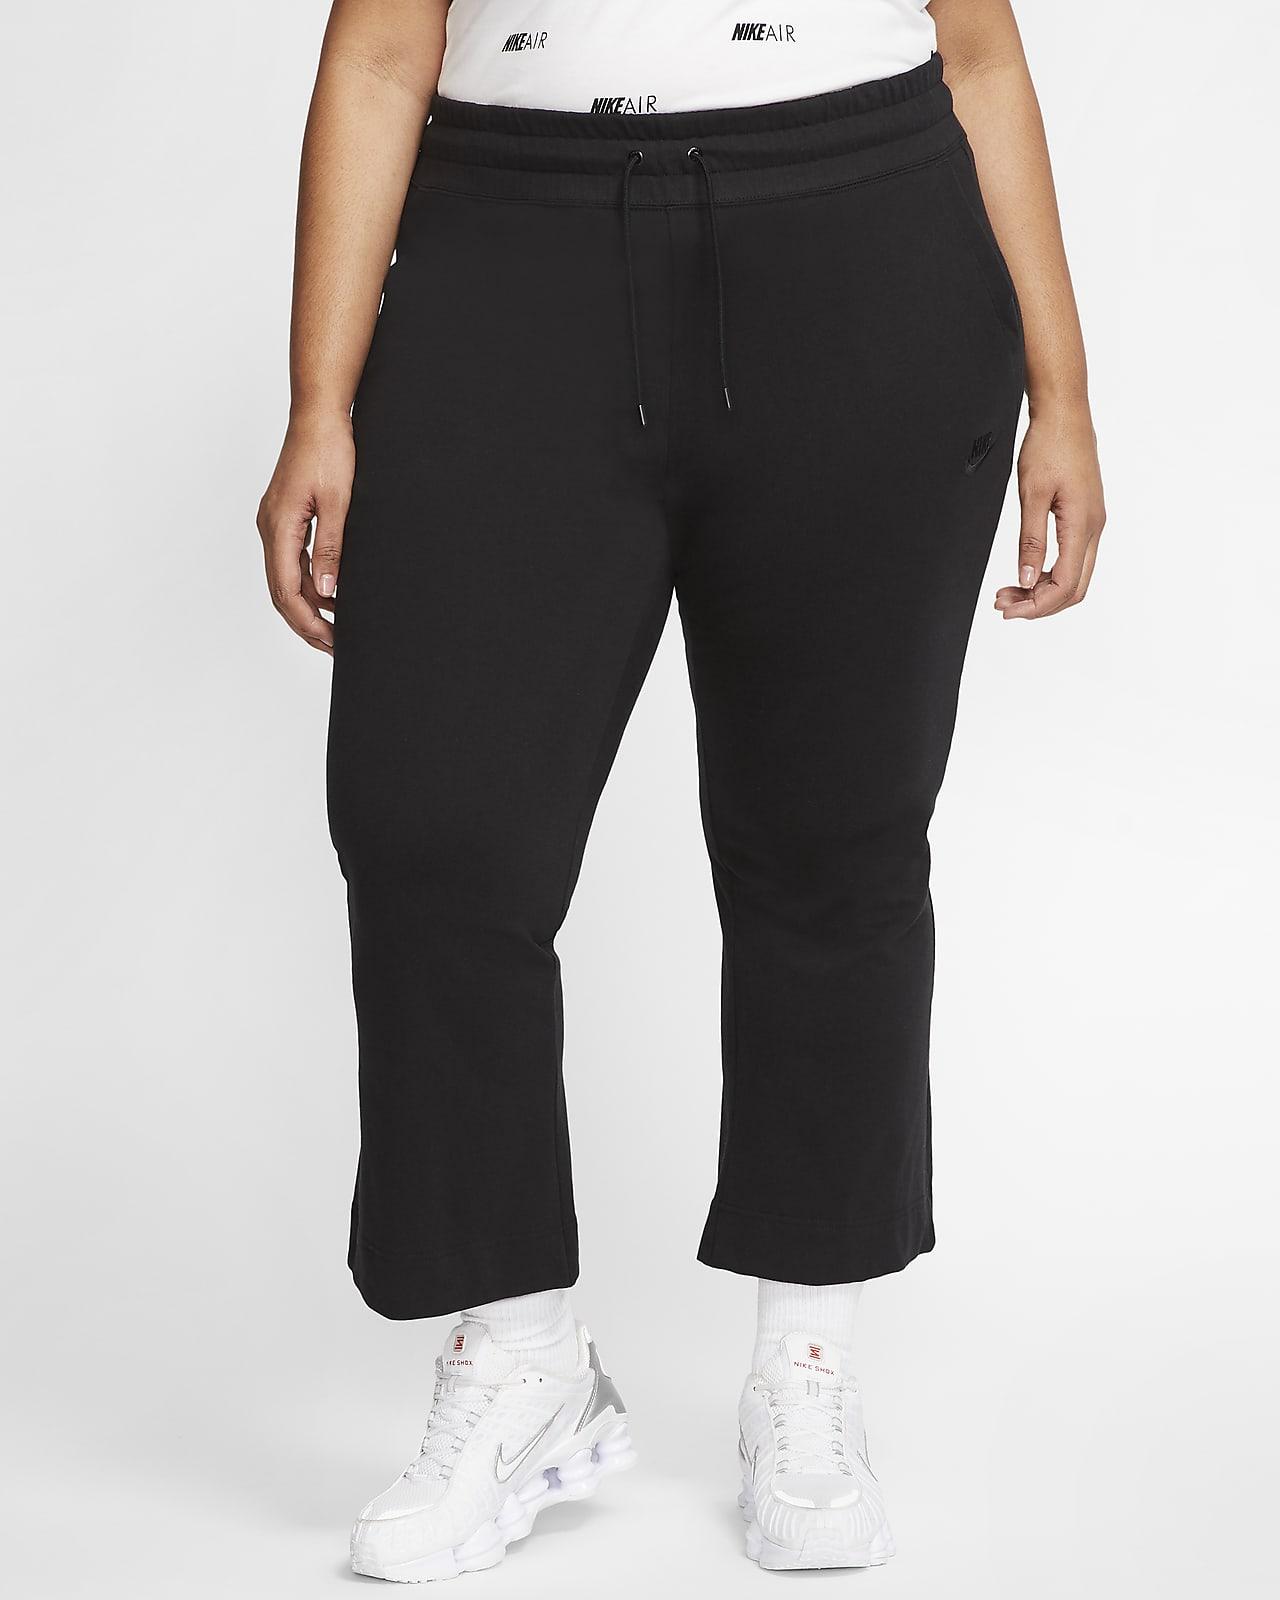 Nike Sportswear bukse i jersey til dame (store størrelser)